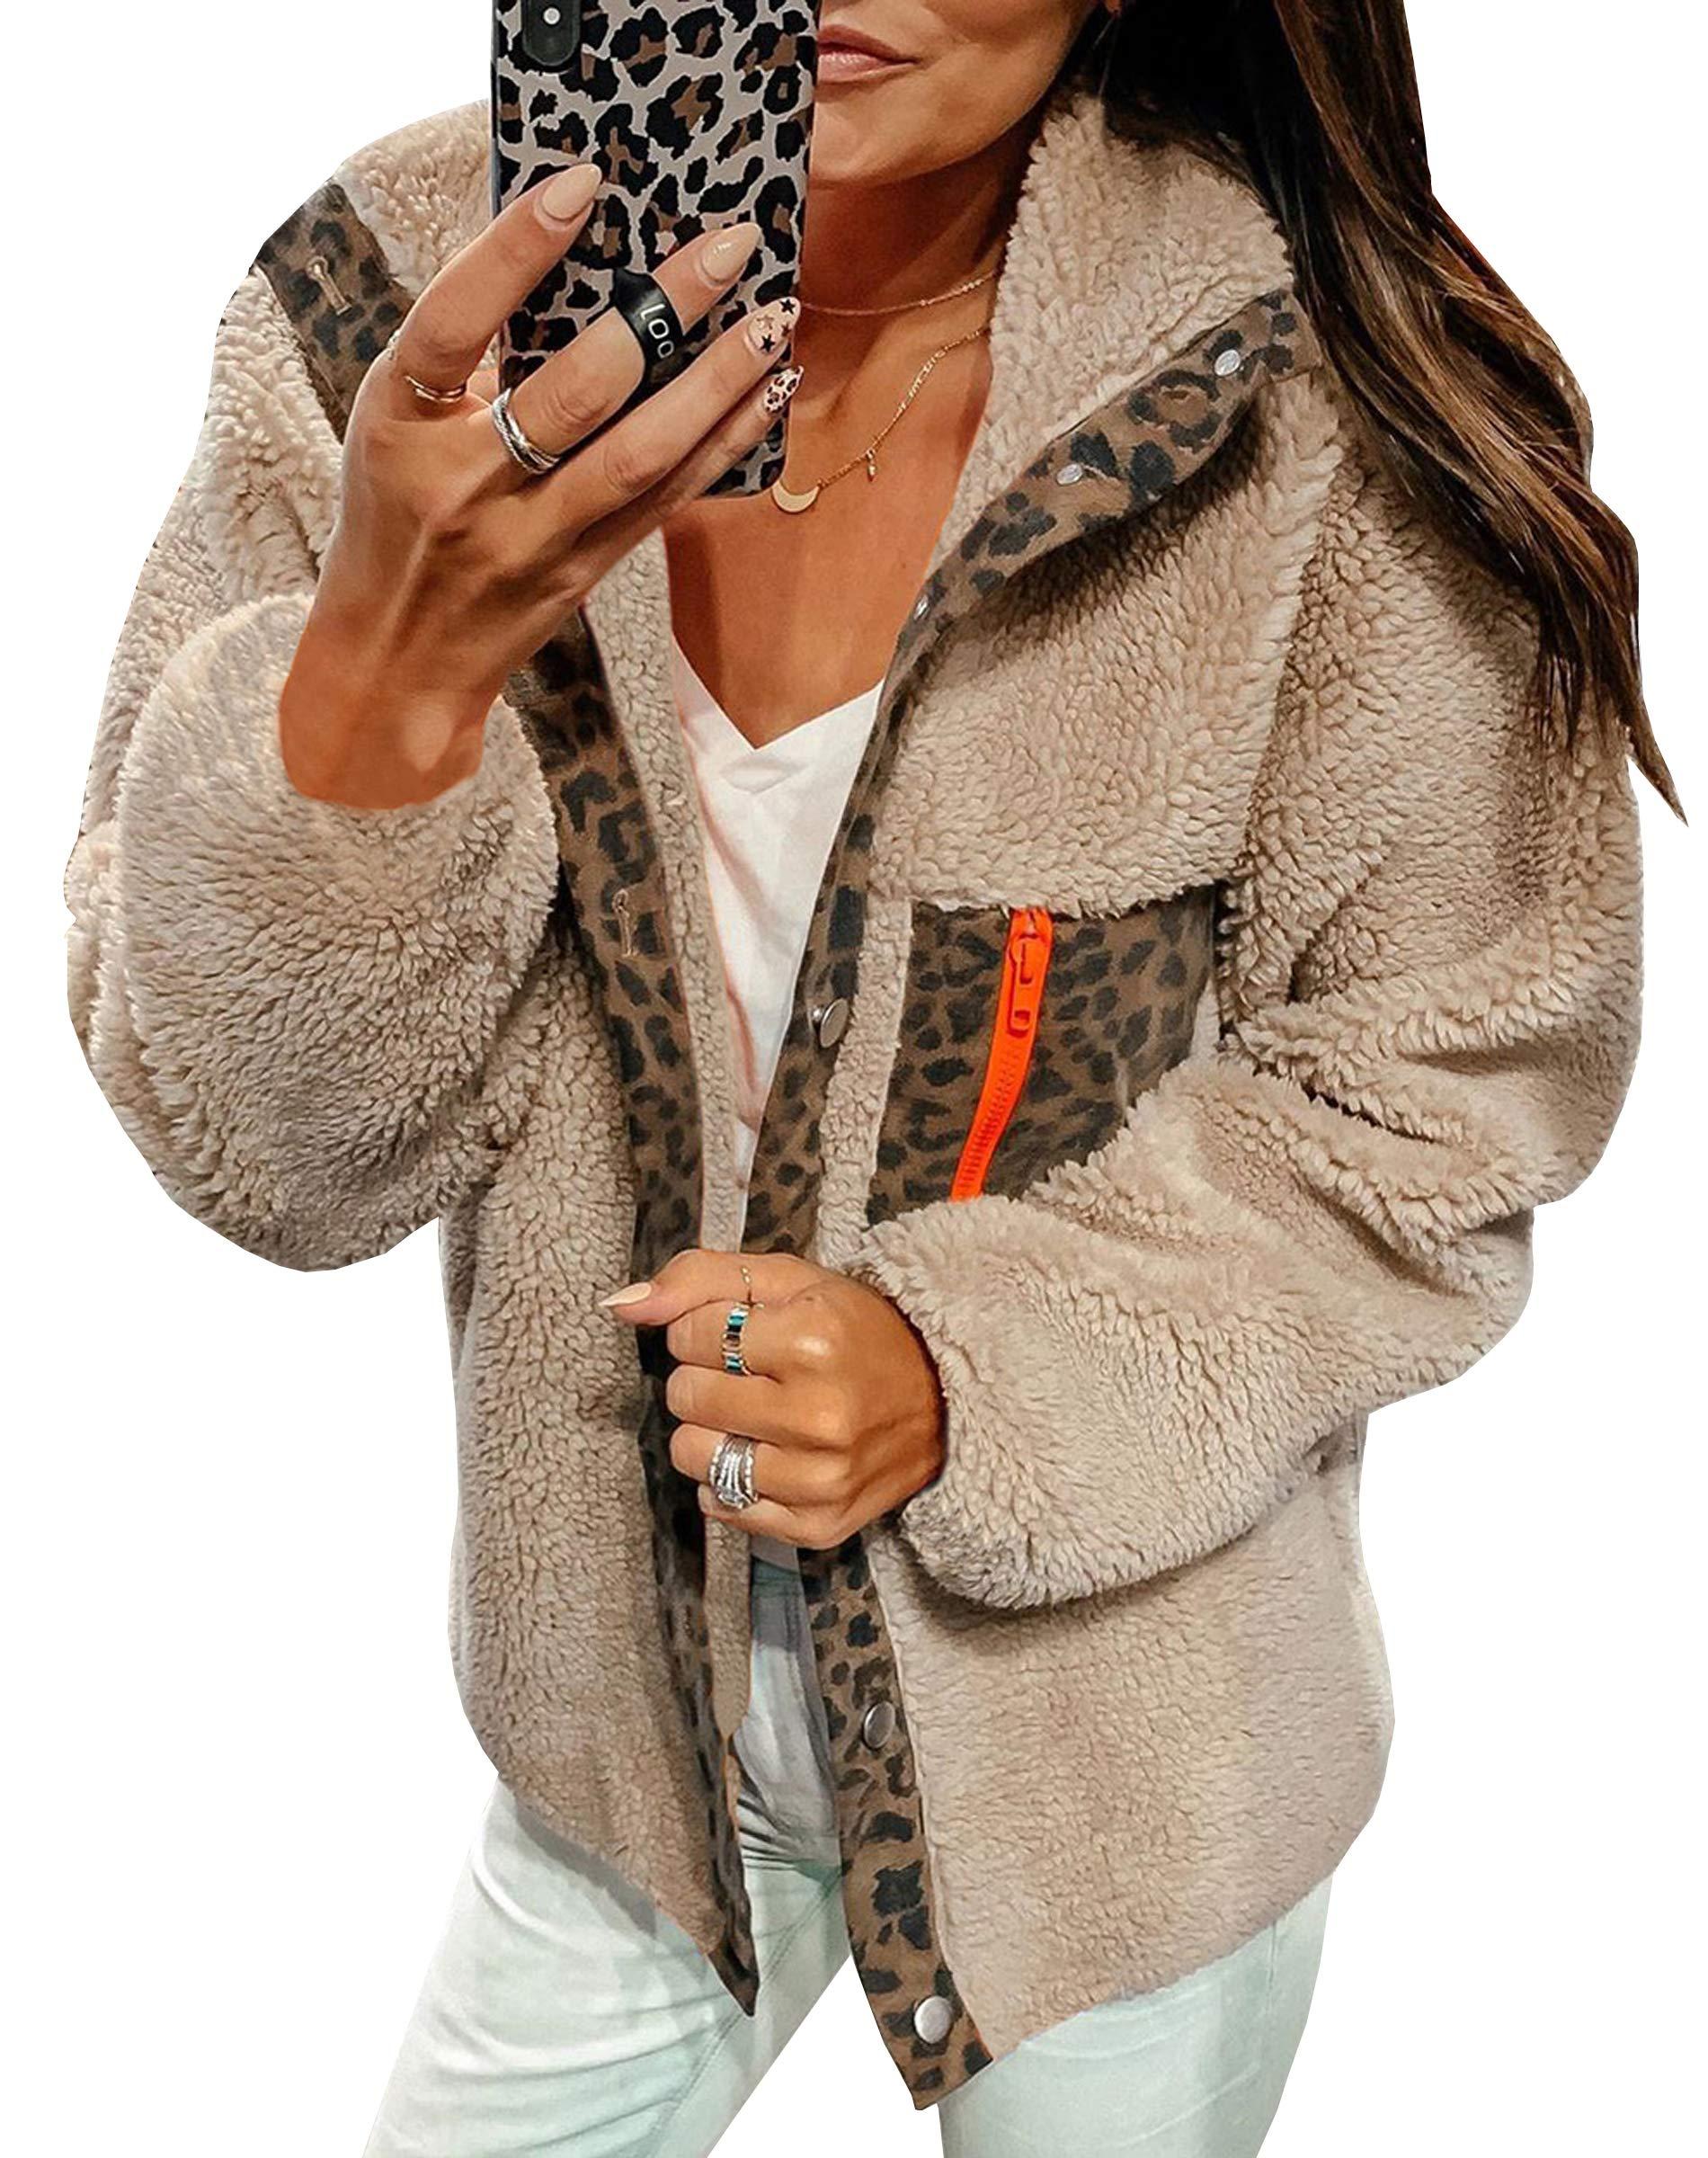 ECOWISH Women Fleece Leopard Coat Long Sleeve Button Down Jackets Winter Lapel Outerwear Beige Large by ECOWISH